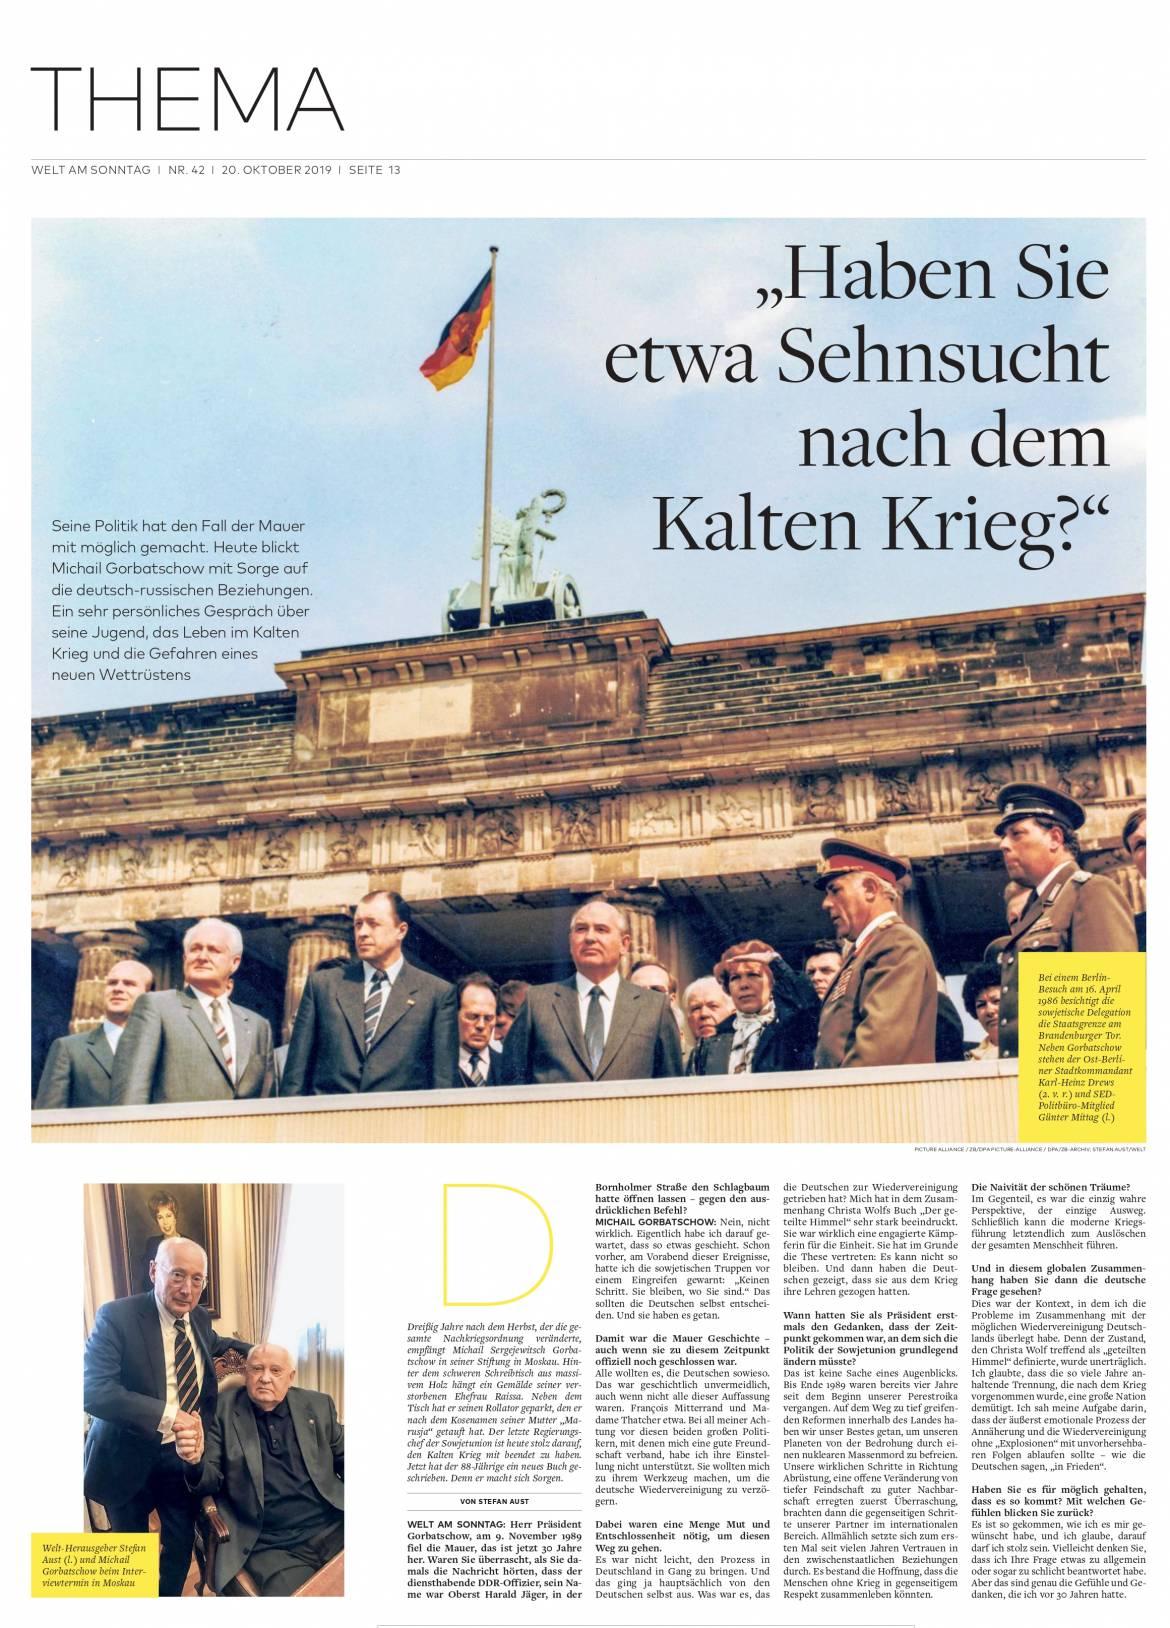 Michail Gorbatschow im Interview mit Stefan Aust – WELT AM SONNTAG